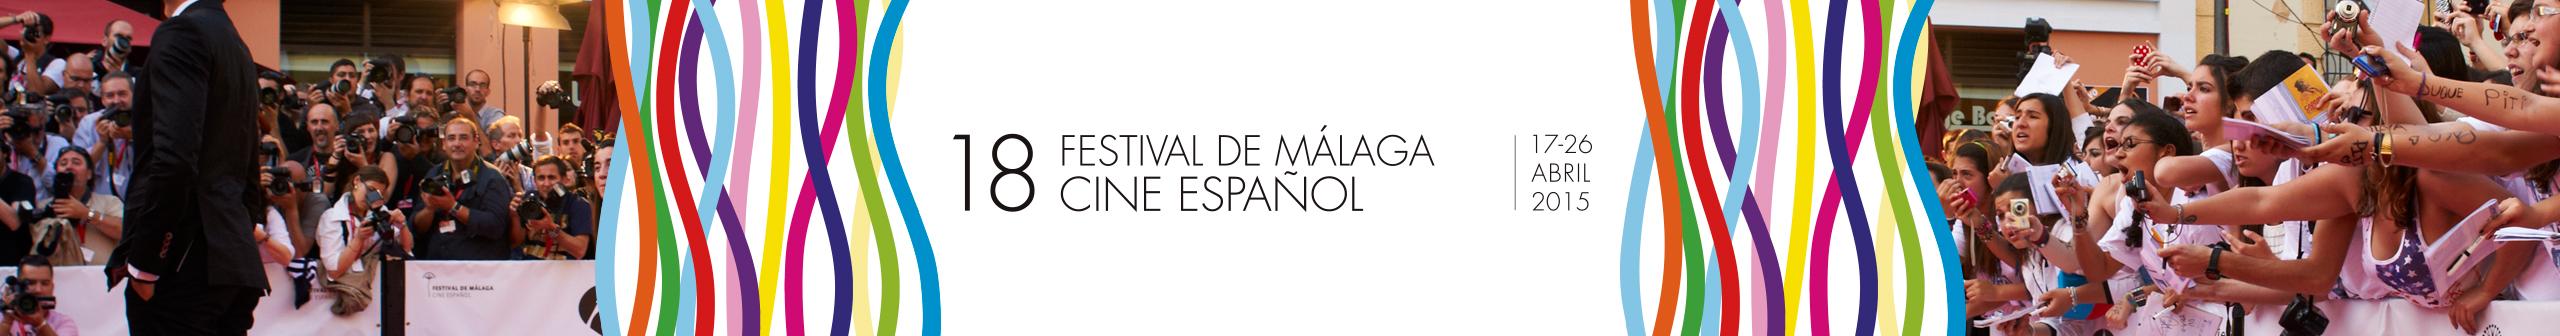 http://festivaldemalaga.com/Content/source/img/cabeceras/20141223114252_6_cabecera.jpg